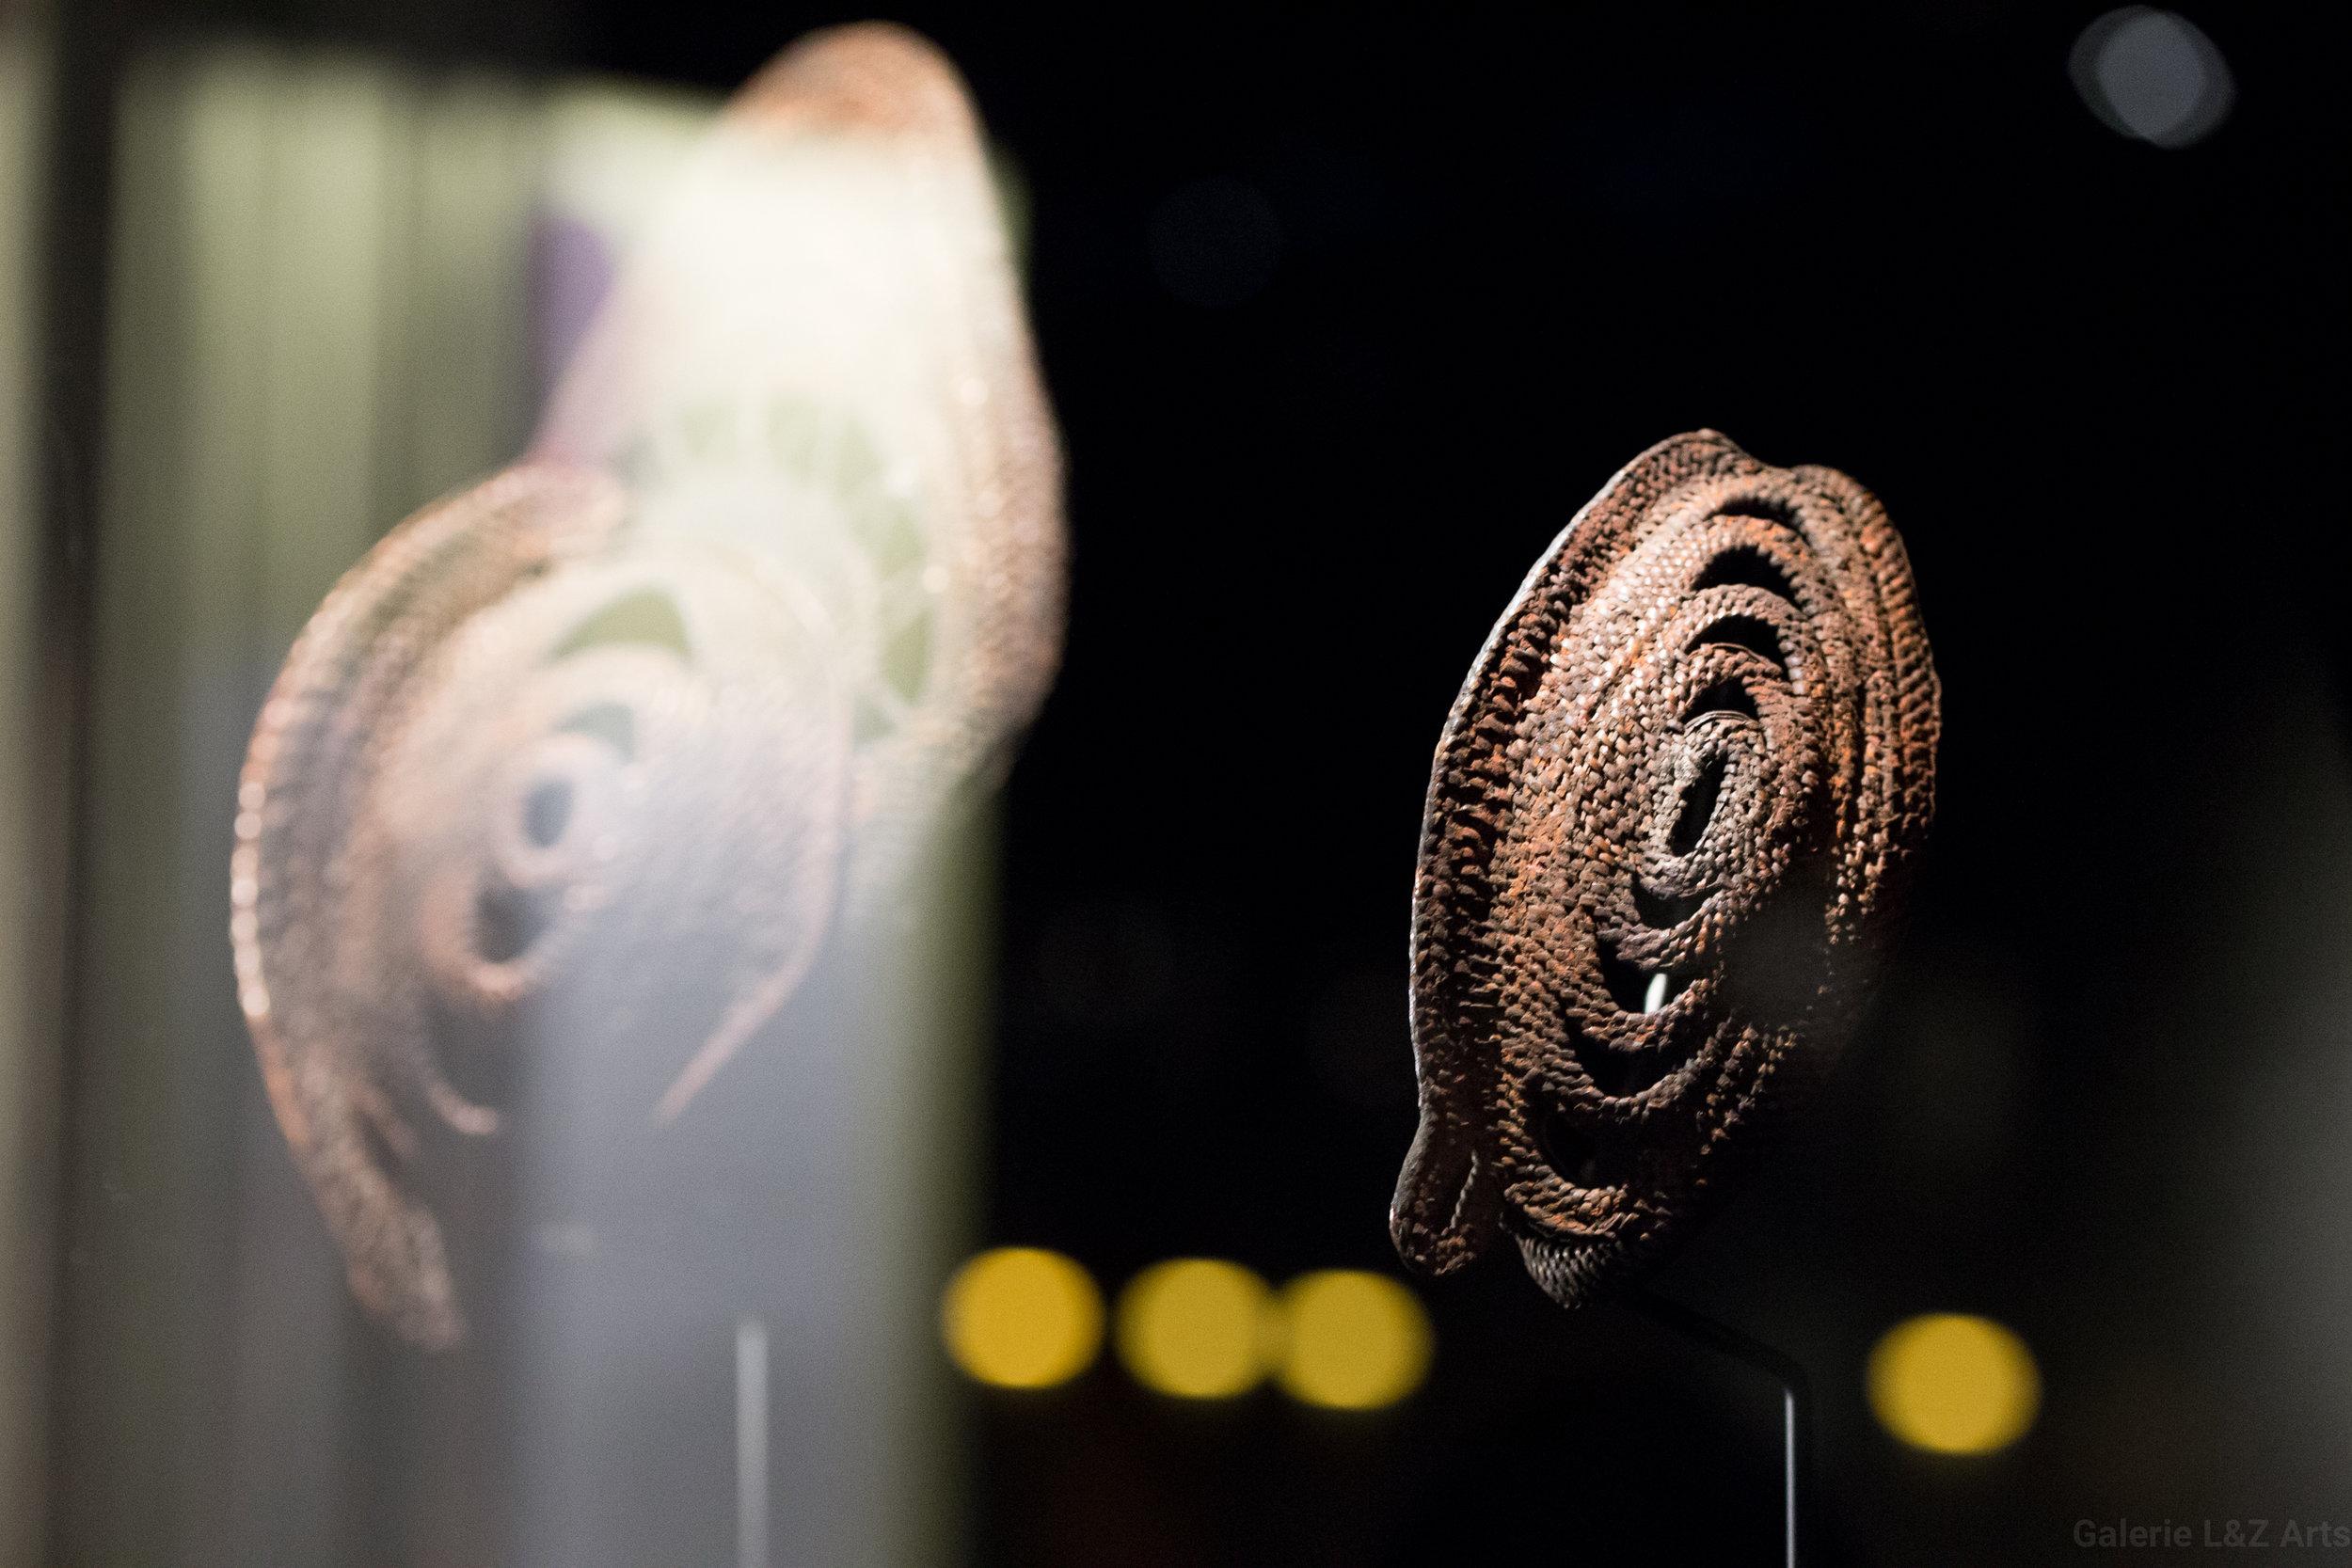 exposition-masque-art-tribal-africain-musee-quai-branly-belgique-galerie-lz-arts-liege-cite-miroir-oceanie-asie-japon-amerique-art-premier-nepal-25.jpg